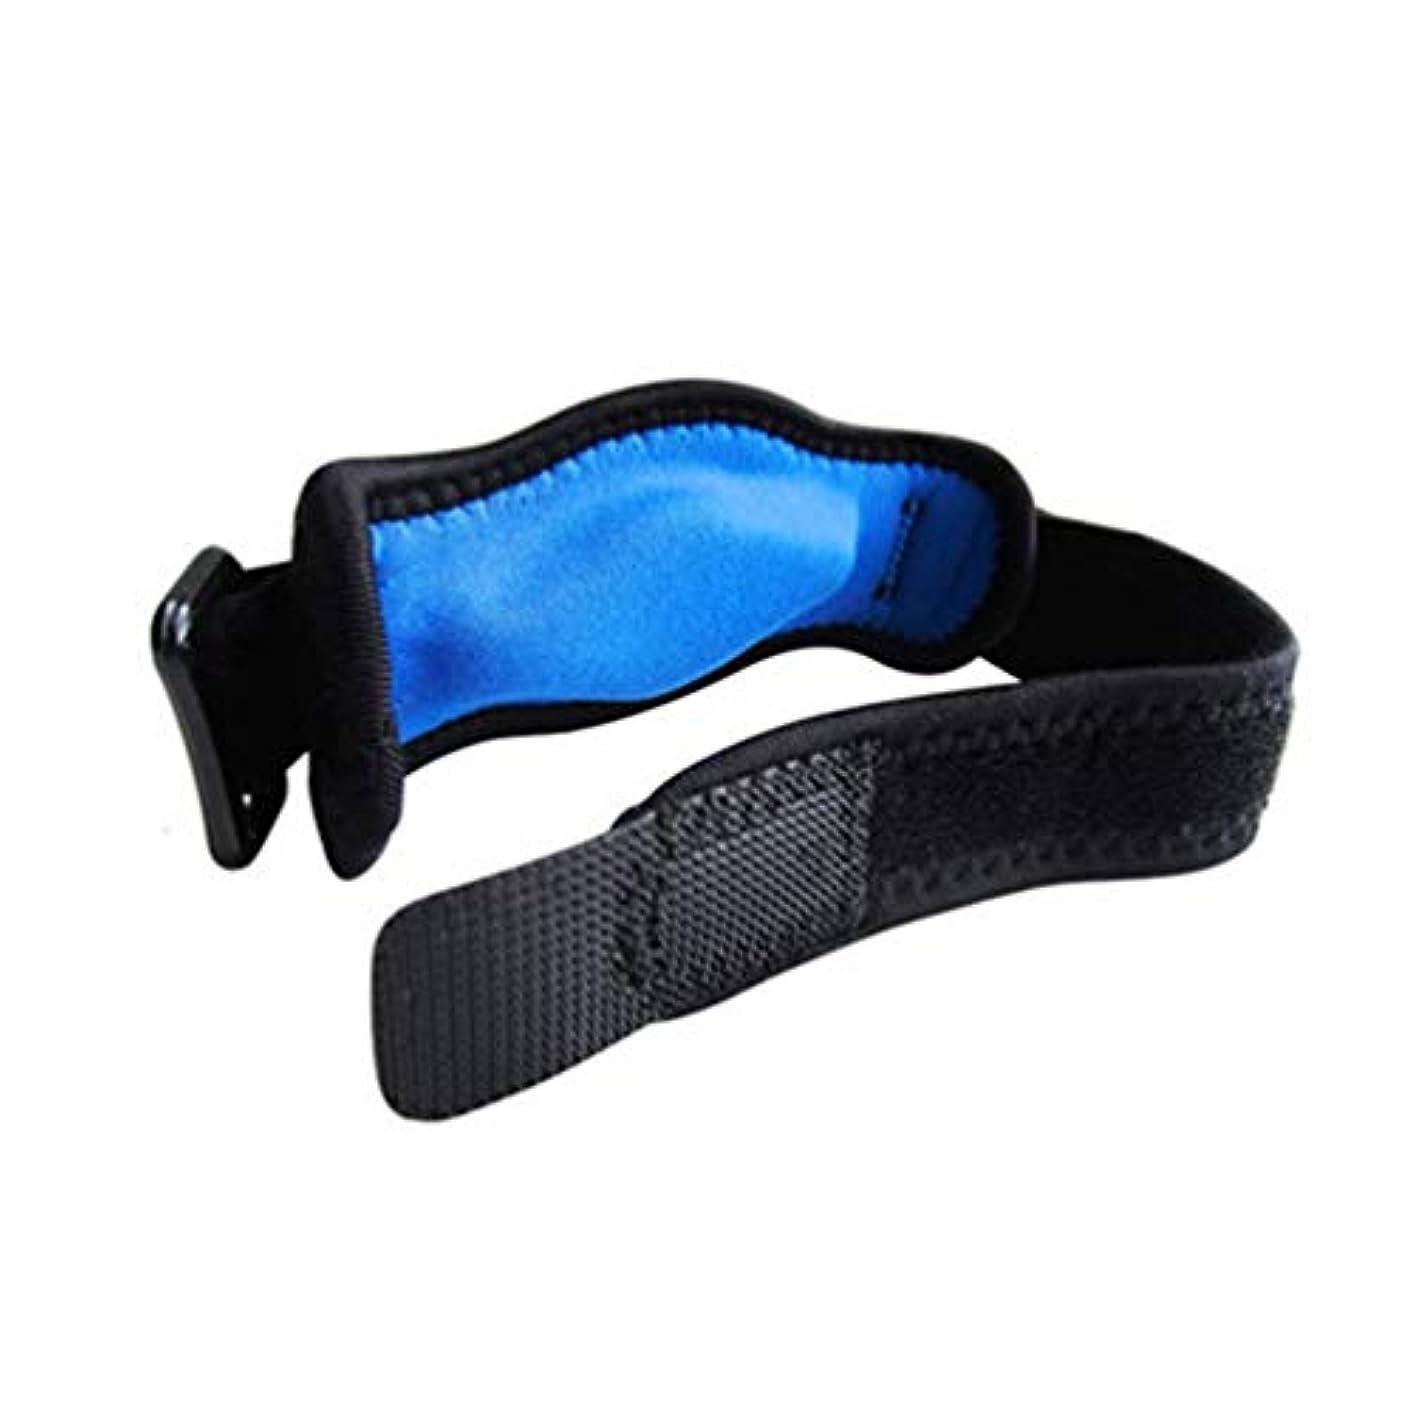 花瓶歌分析的な調節可能なテニス肘サポートストラップブレースゴルフ前腕痛み緩和 - 黒